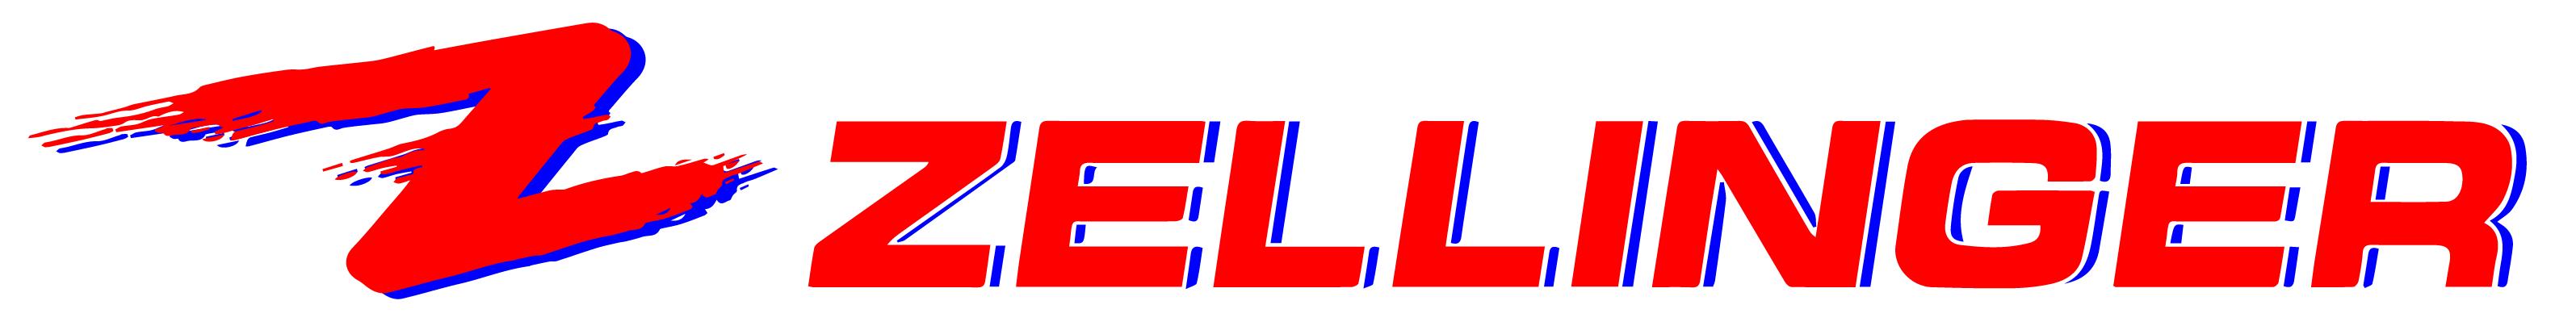 Dietmar Zellinger GmbH aus Offenhausen in Oberösterreich | Dietmar Zellinger GmbH - Zellinger Reisen - Busreisen, Gruppenreisen, Tagesfahrten, Mehrtagesfahrten, Wels - Wels-Land - Grieskirchen - Eferding - Vöcklabruck